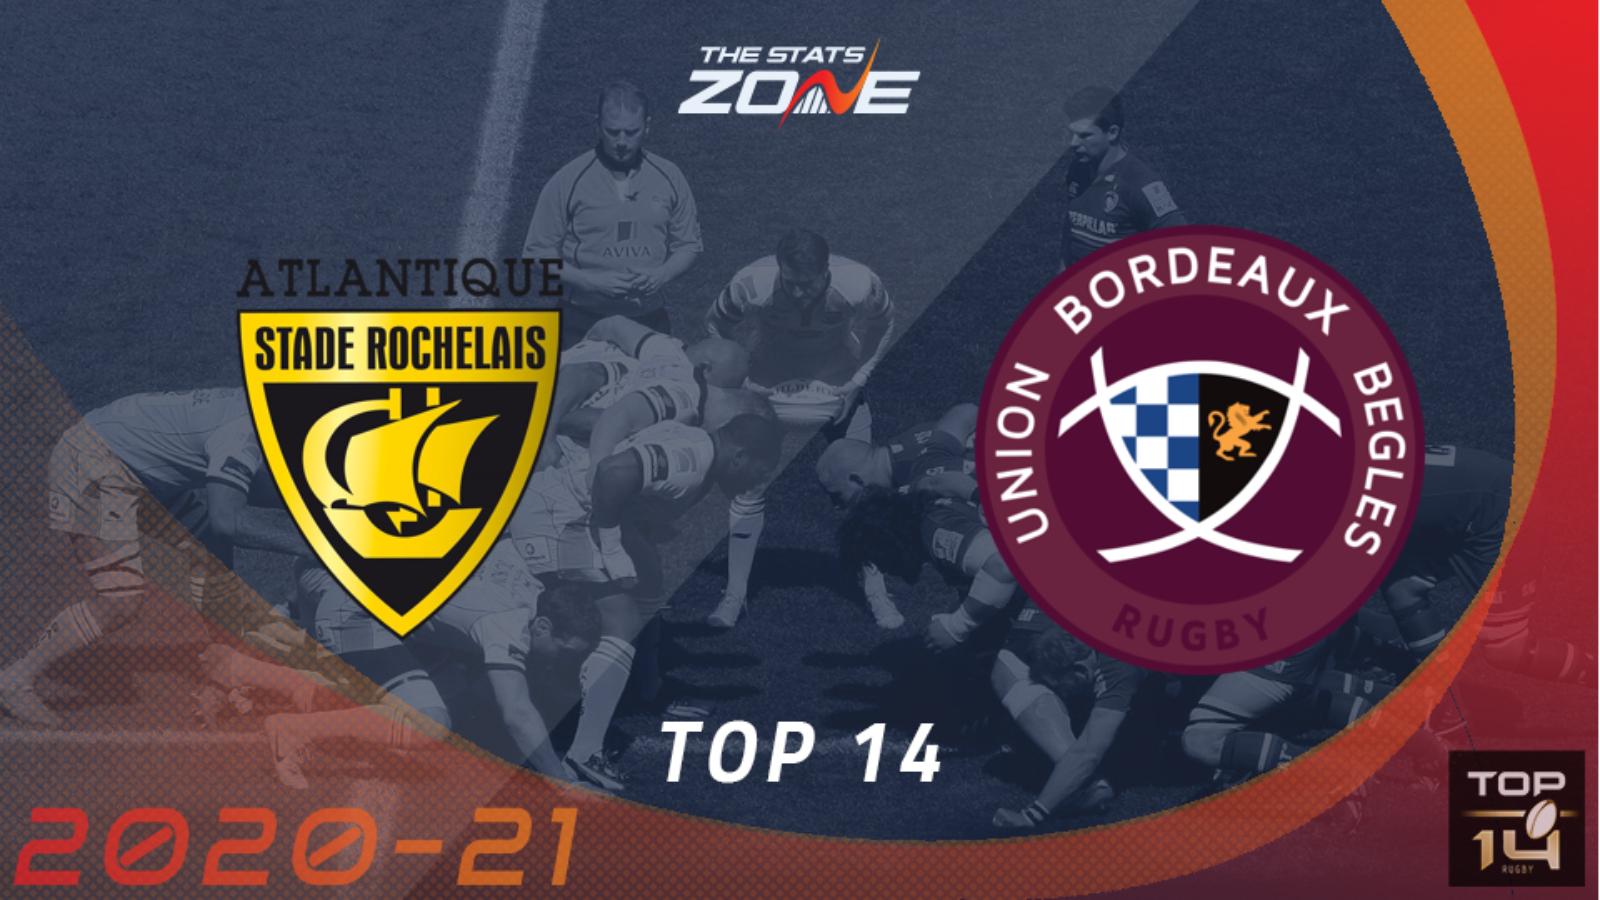 la rochelle vs bordeaux begles top 14 2021 background.